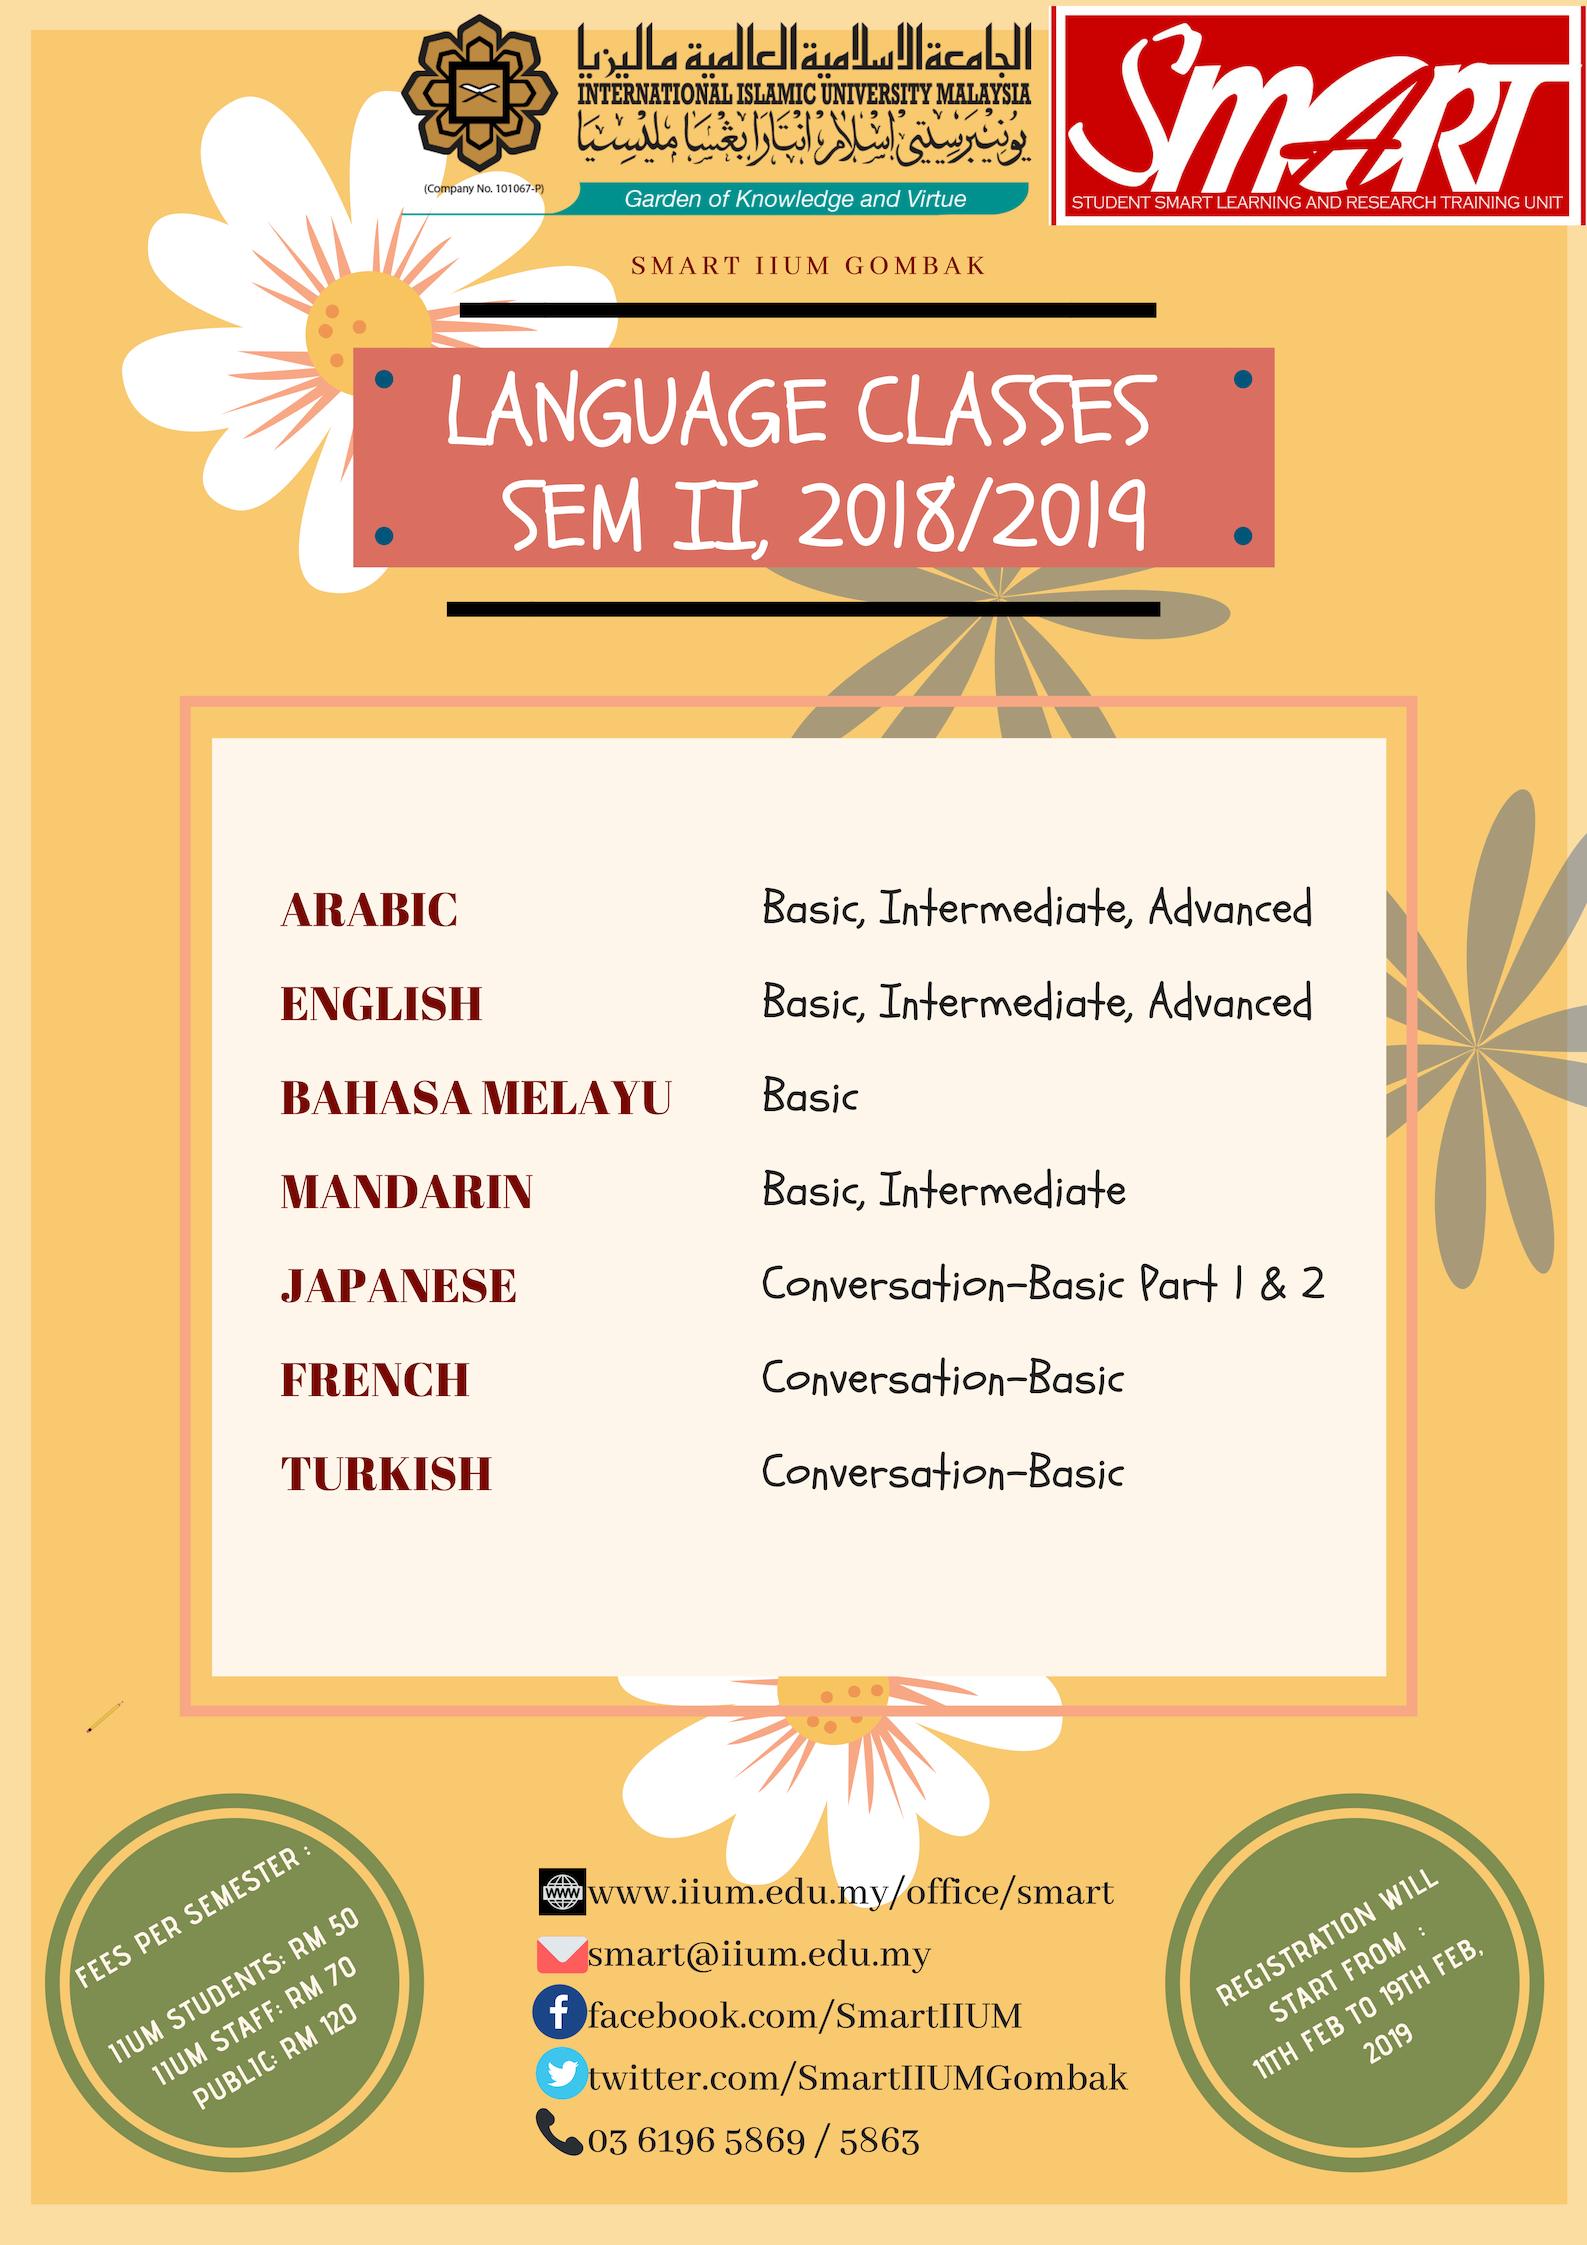 REGISTER FOR LANGUAGE CLASSES, SEM 2, 2018/2019